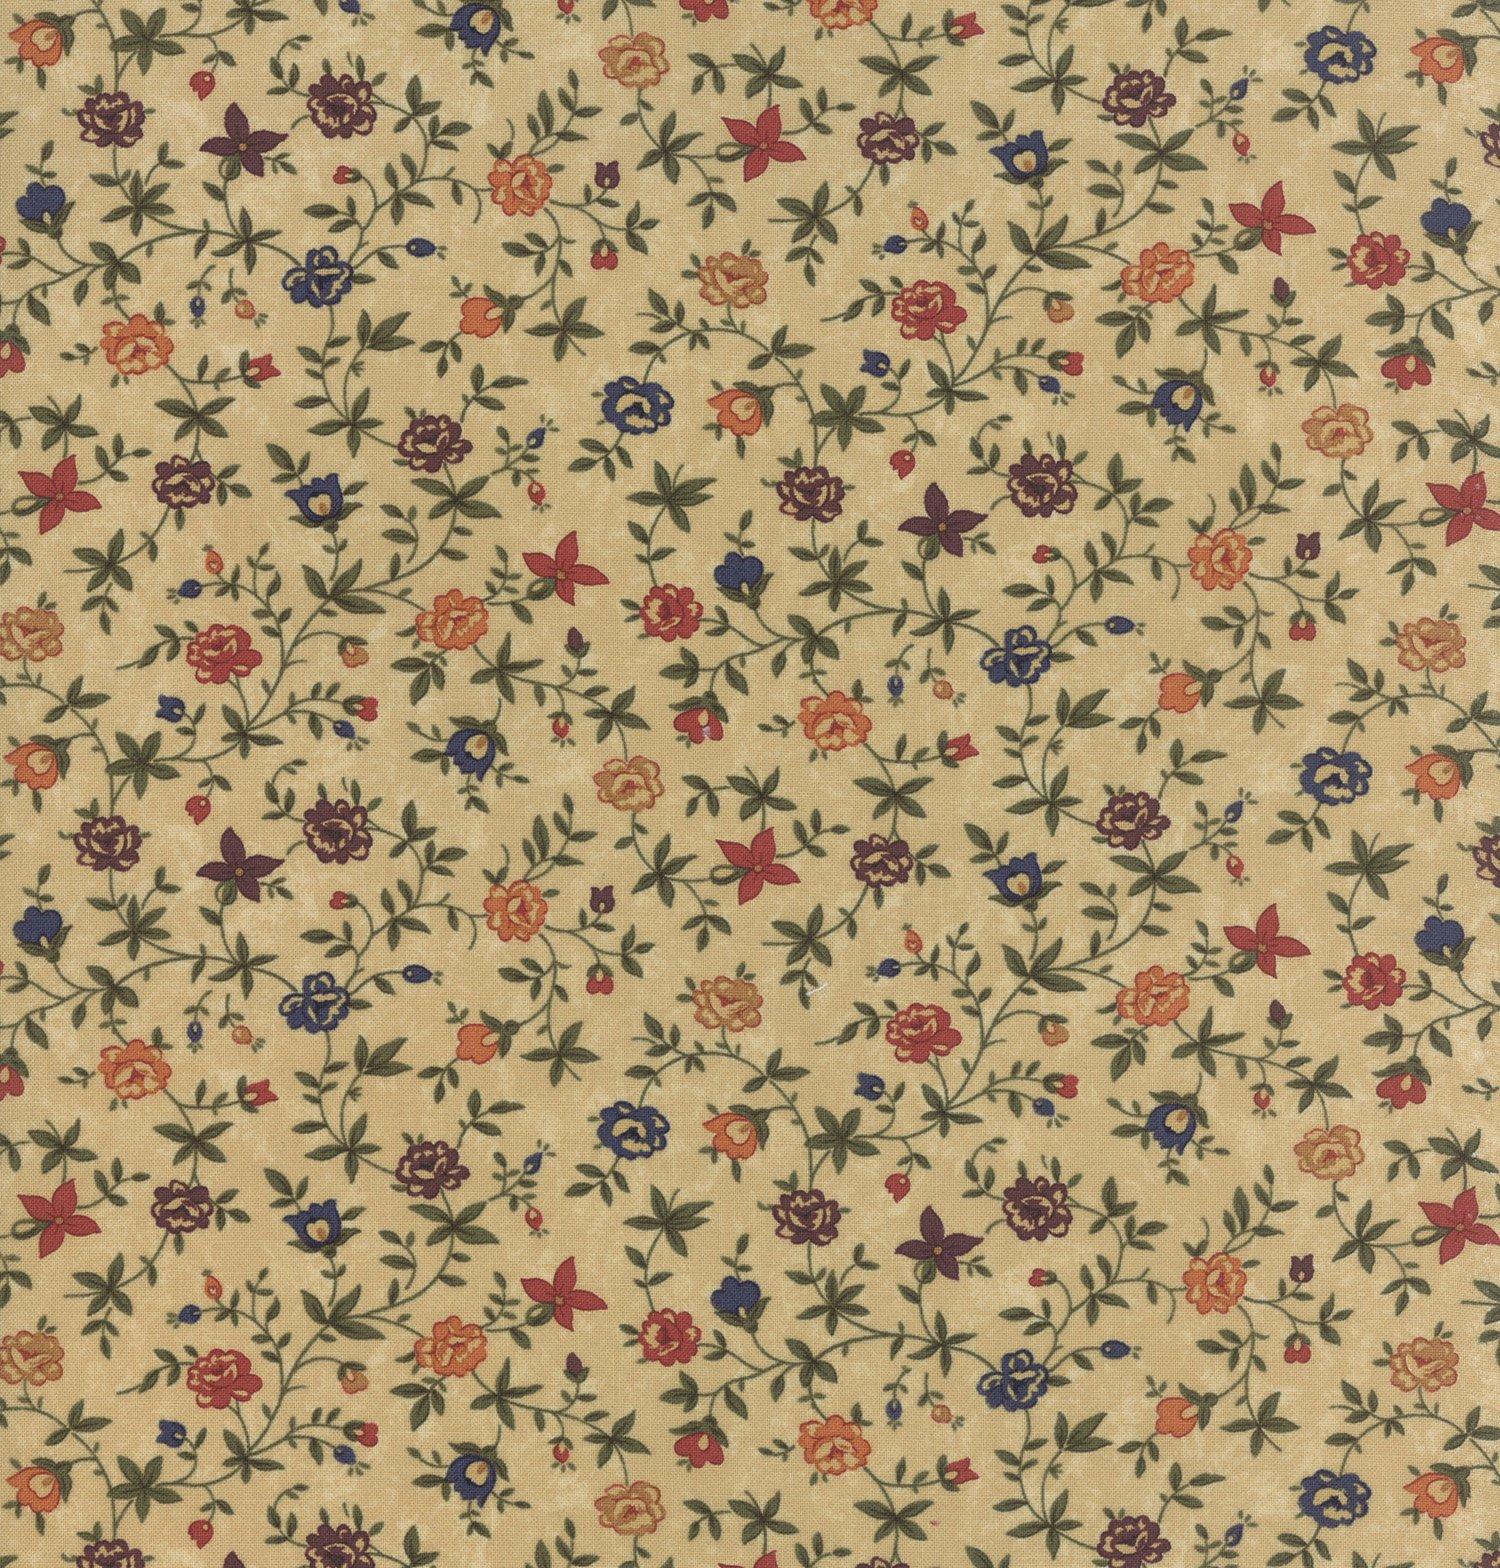 Fresh Cut Flowers - Tans - Sold By Half Yard